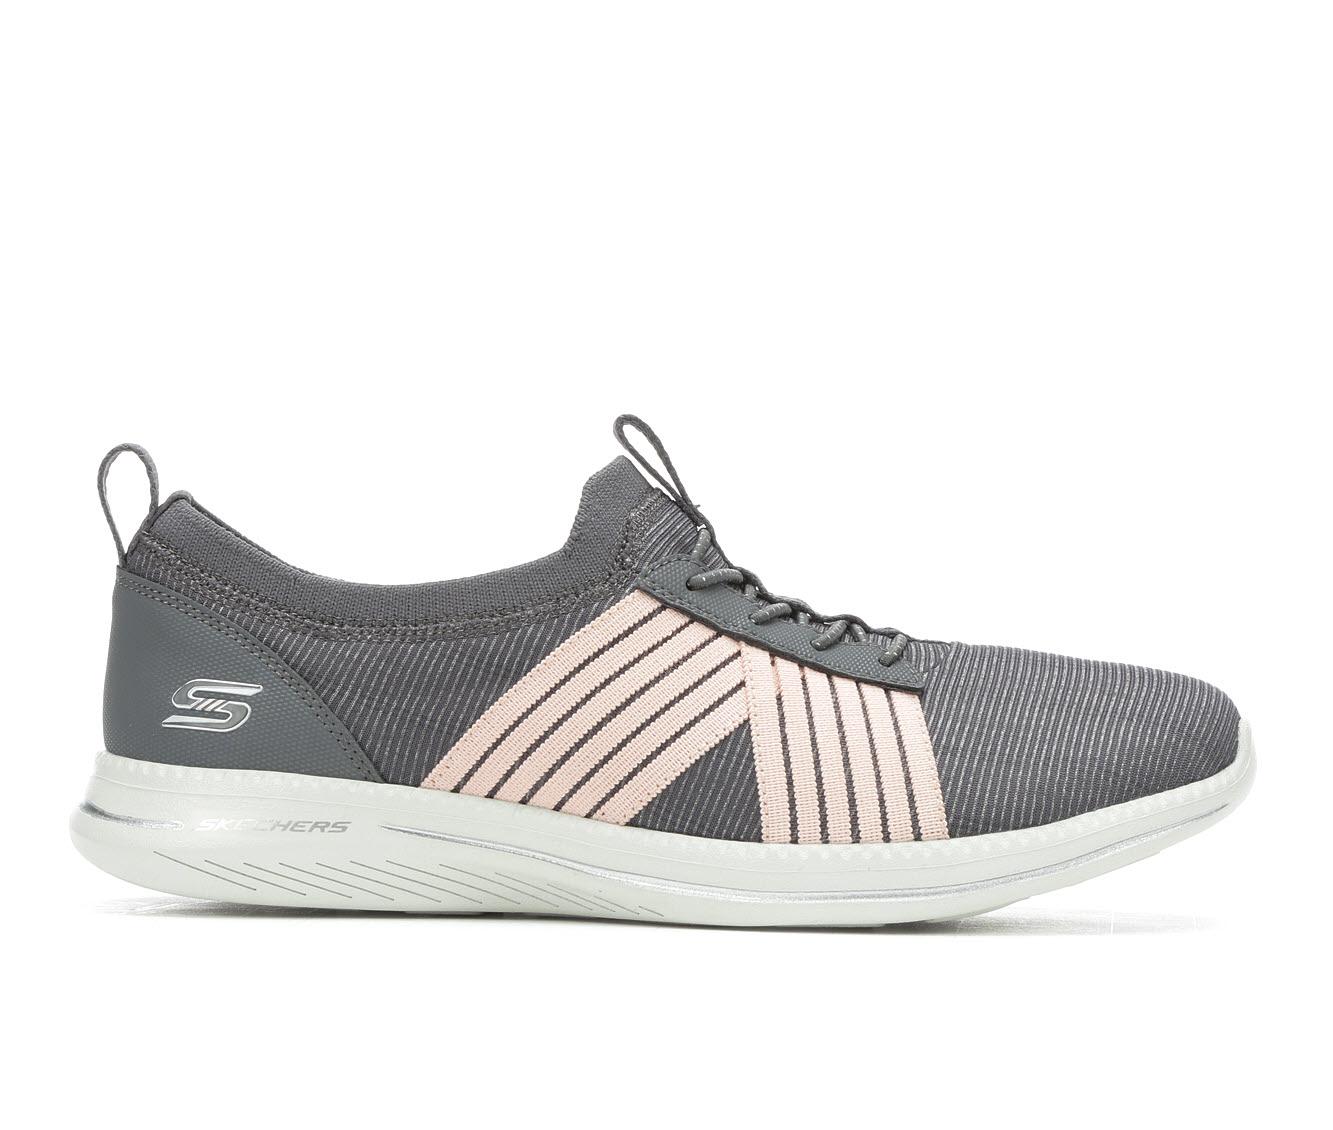 Skechers City Pro 23748 Women's Athletic Shoe (Gray)